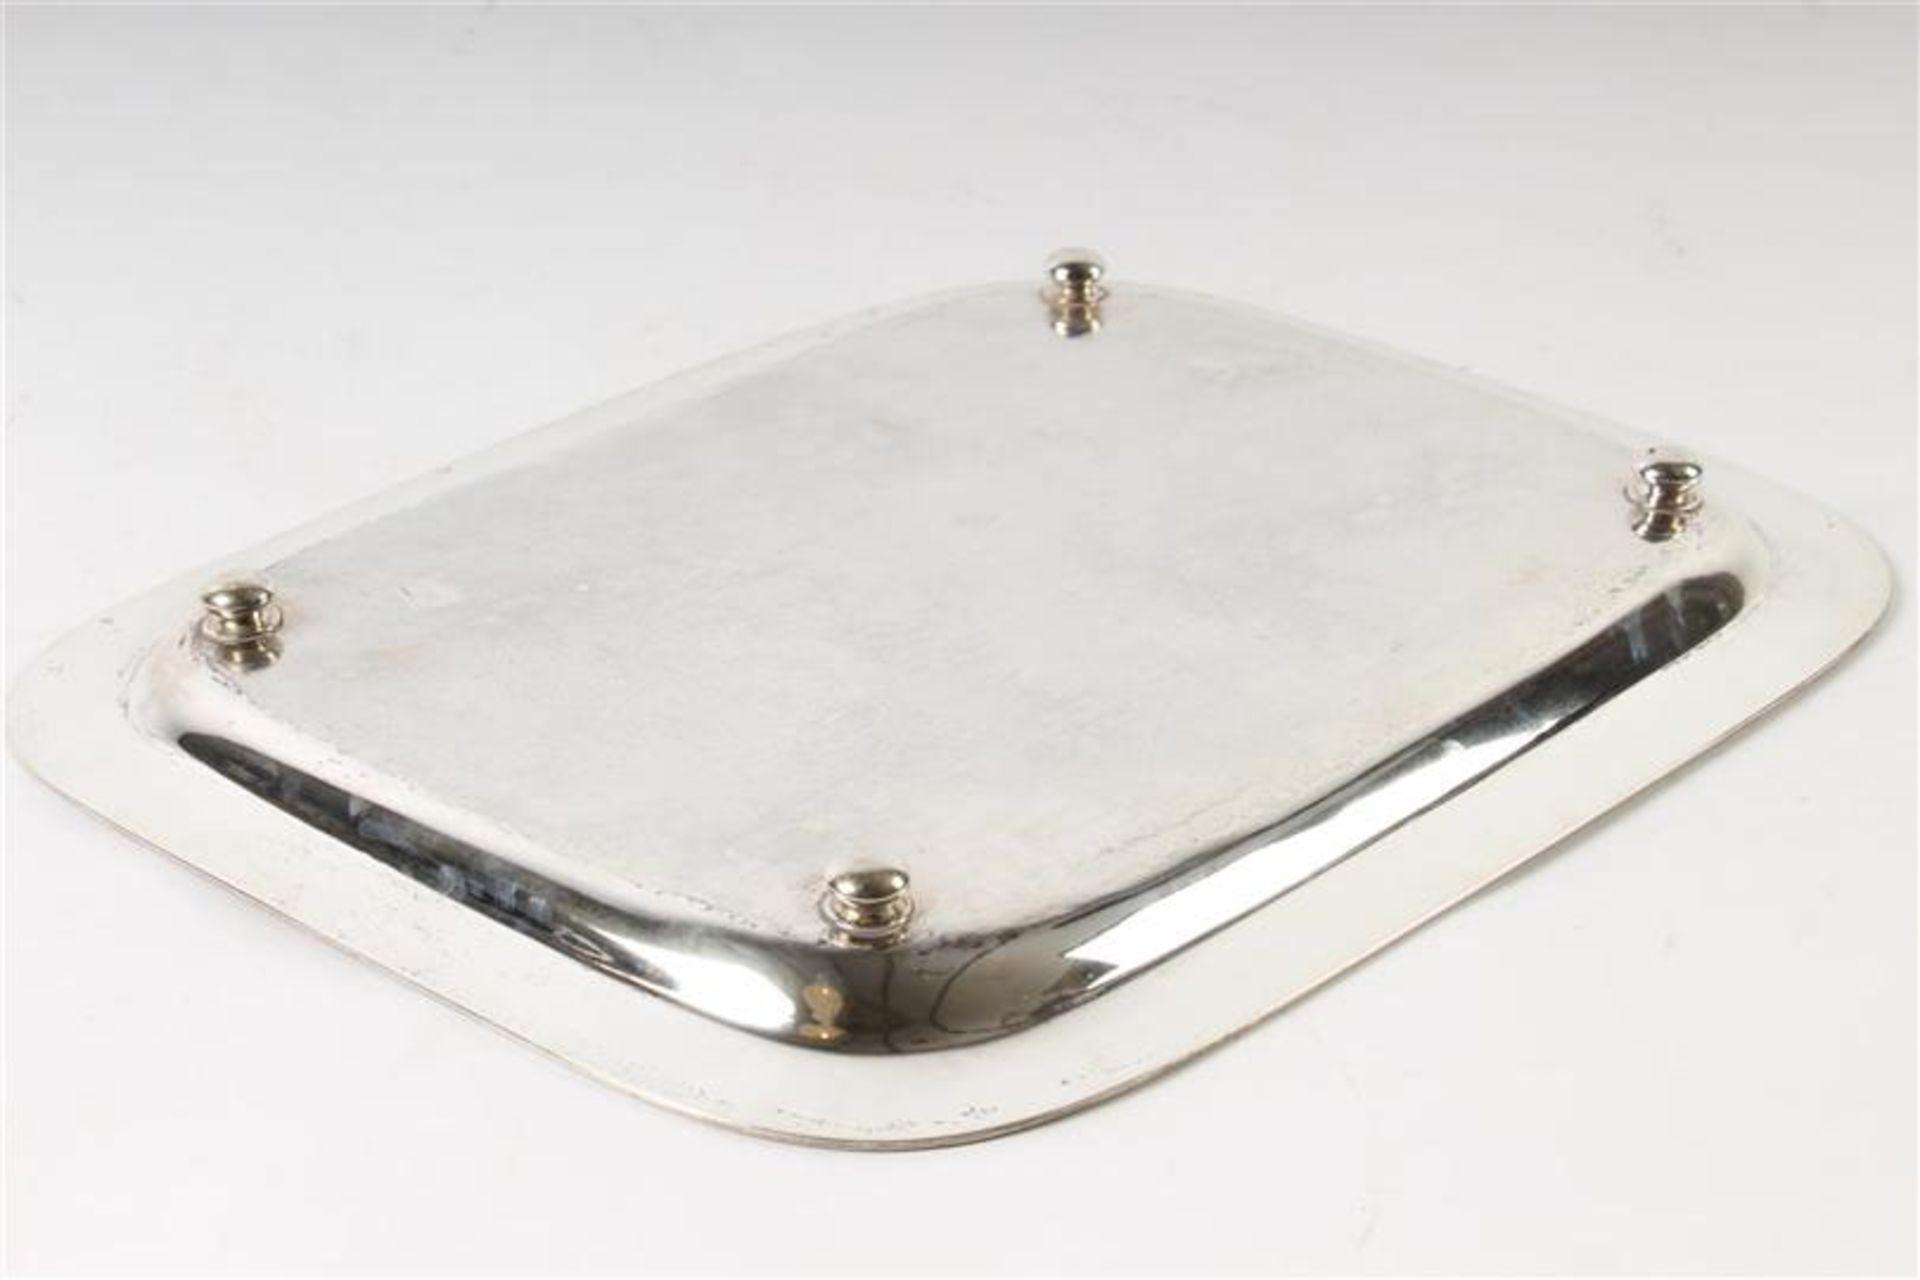 Los 36 - Zilveren cabaret met bewerkte rand en afgeronde hoeken,Hollands gekeurd, 1873. LxBxH: 39 x 32 x 3